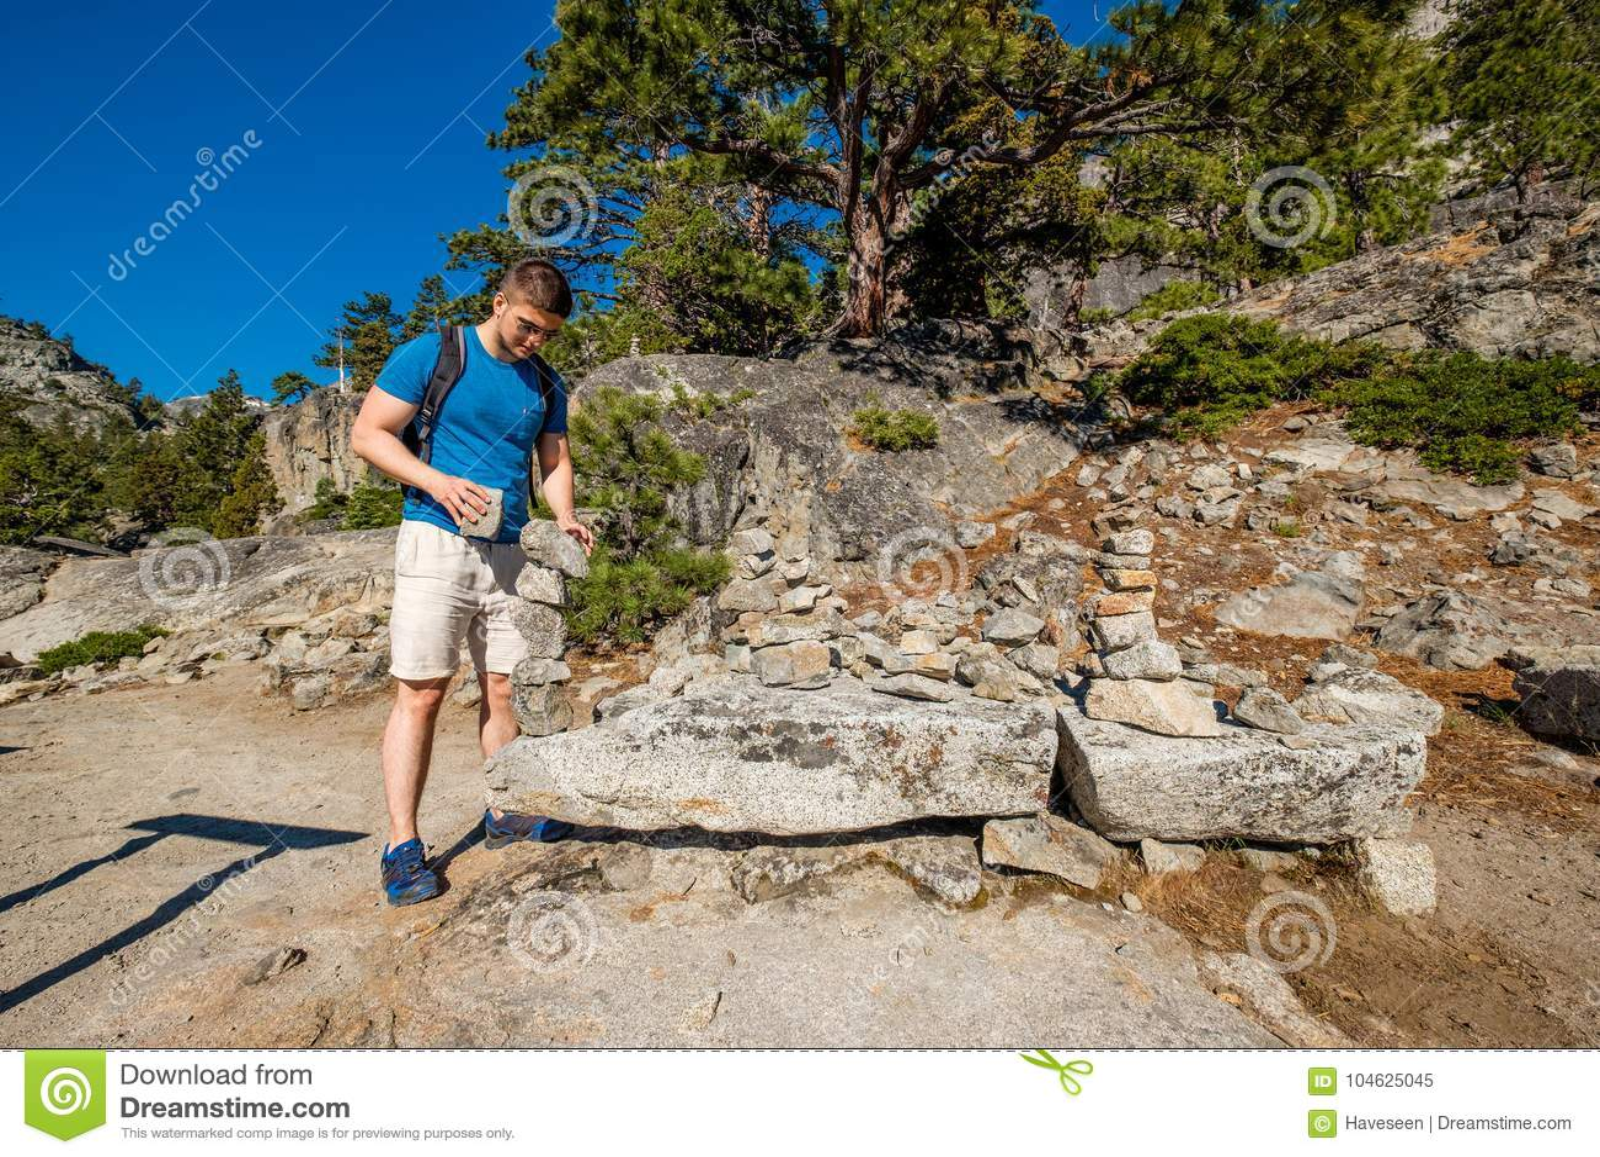 Download Toerist Die Met Rugzak In Bergen Wandelen Stock Afbeelding - Afbeelding bestaande uit landschap, hemel: 104625045